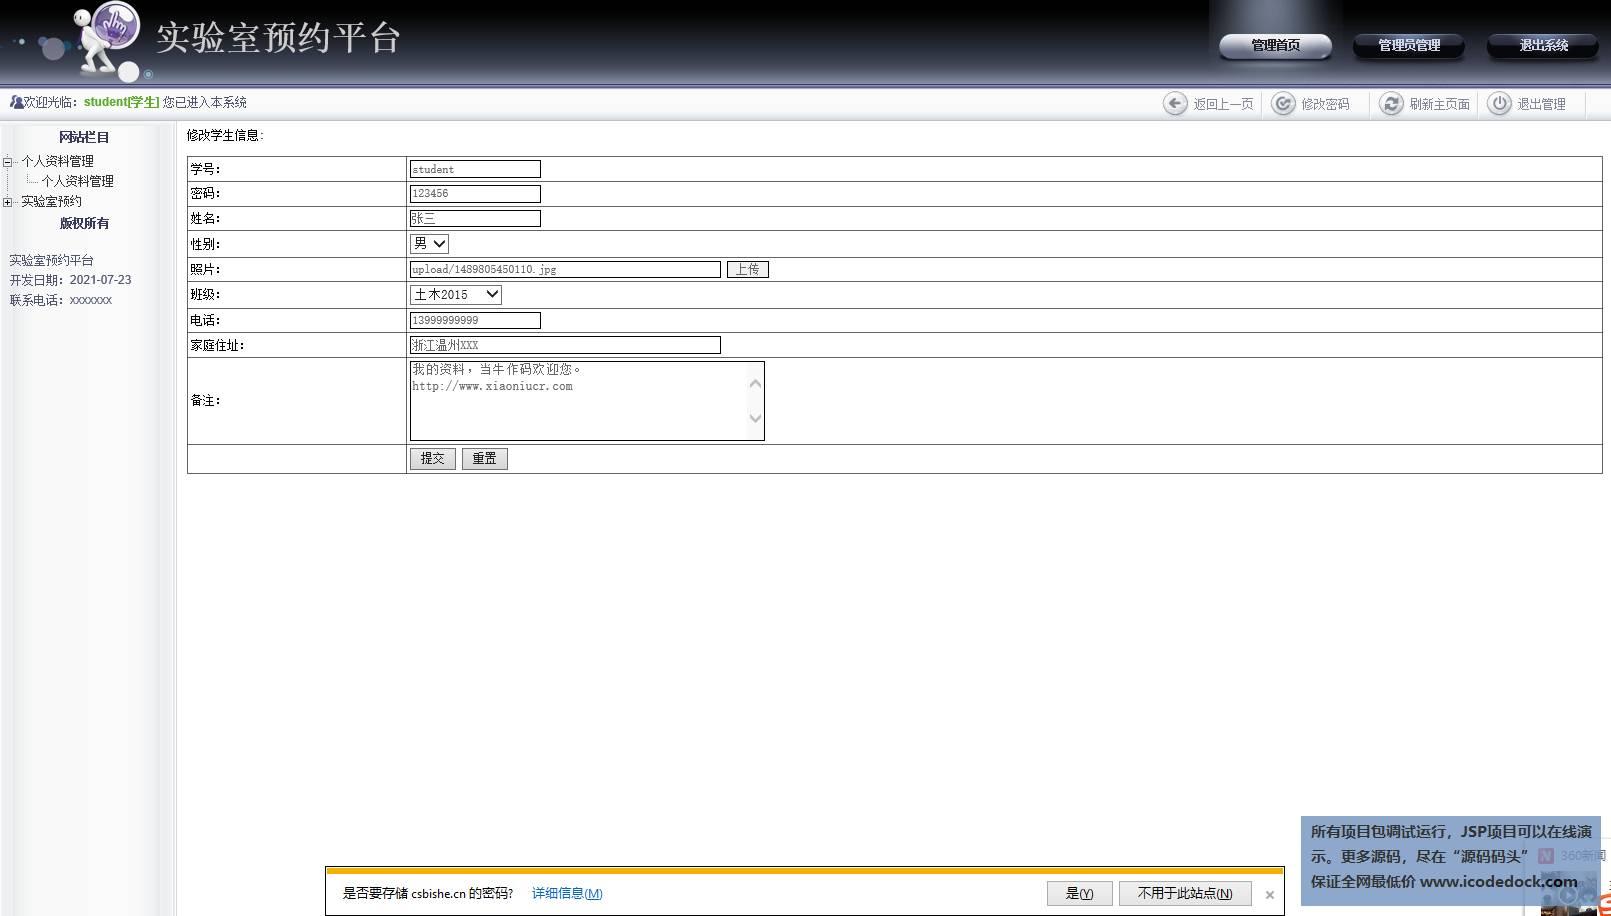 源码码头-JSP在线高校实验室预约管理系统-学生角色-个人资料管理